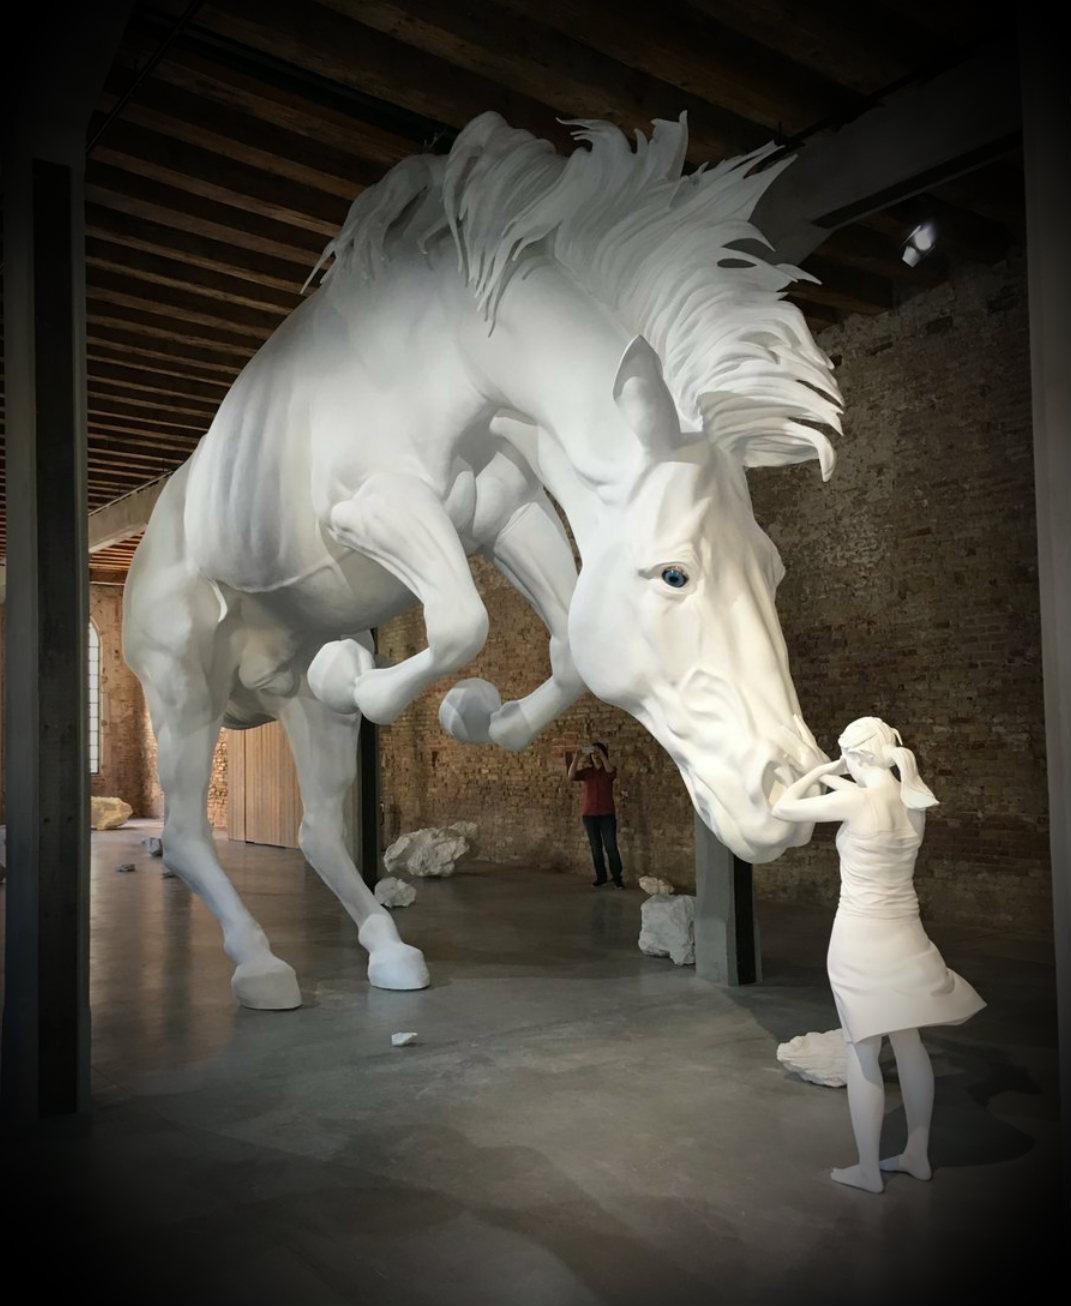 venedik bienali - the horse problem - claudia fontes